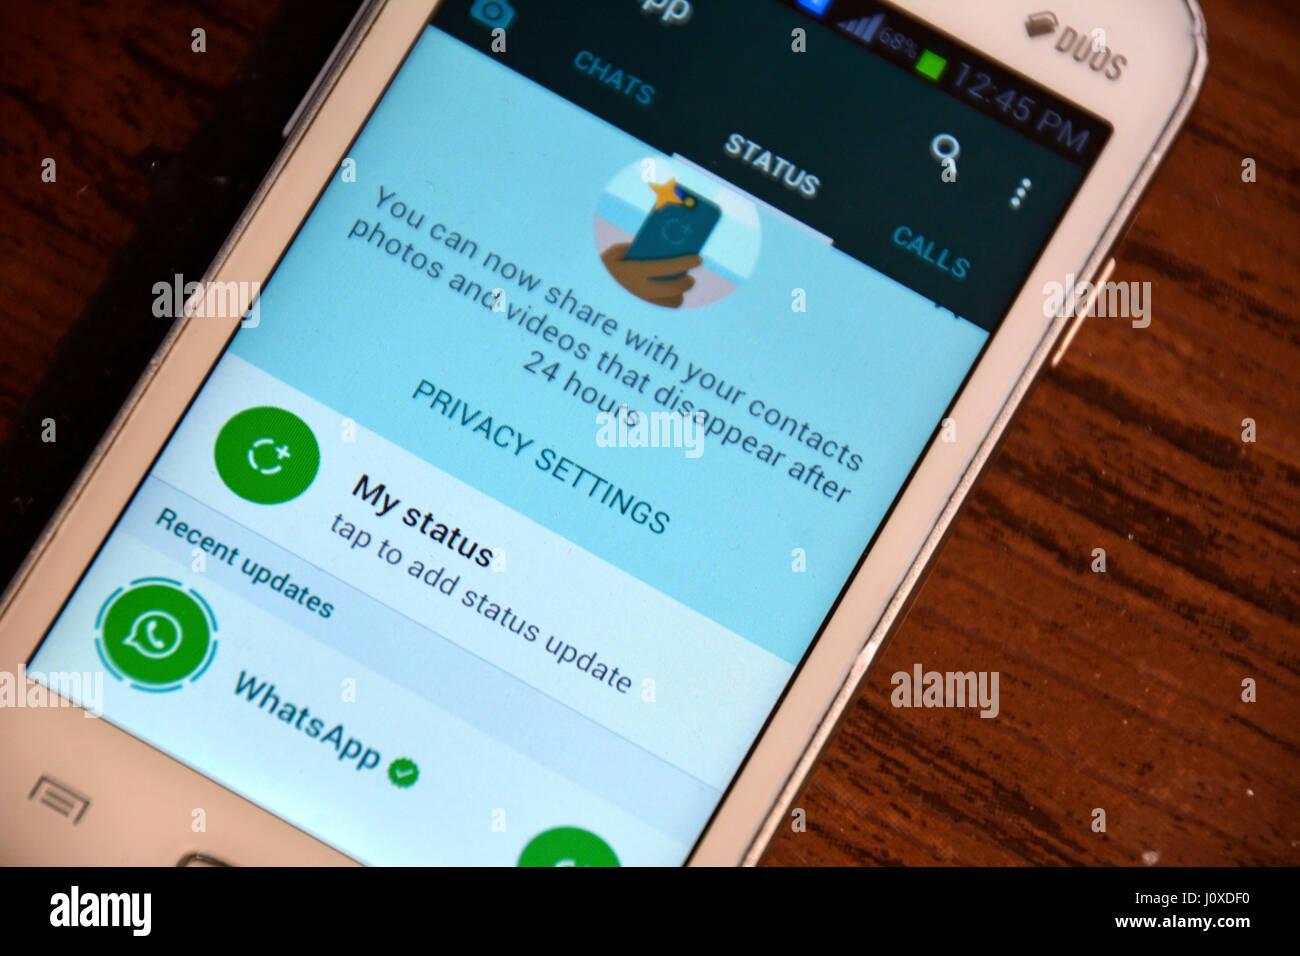 Whatsapp Status Stock Photo 138264308 Alamy